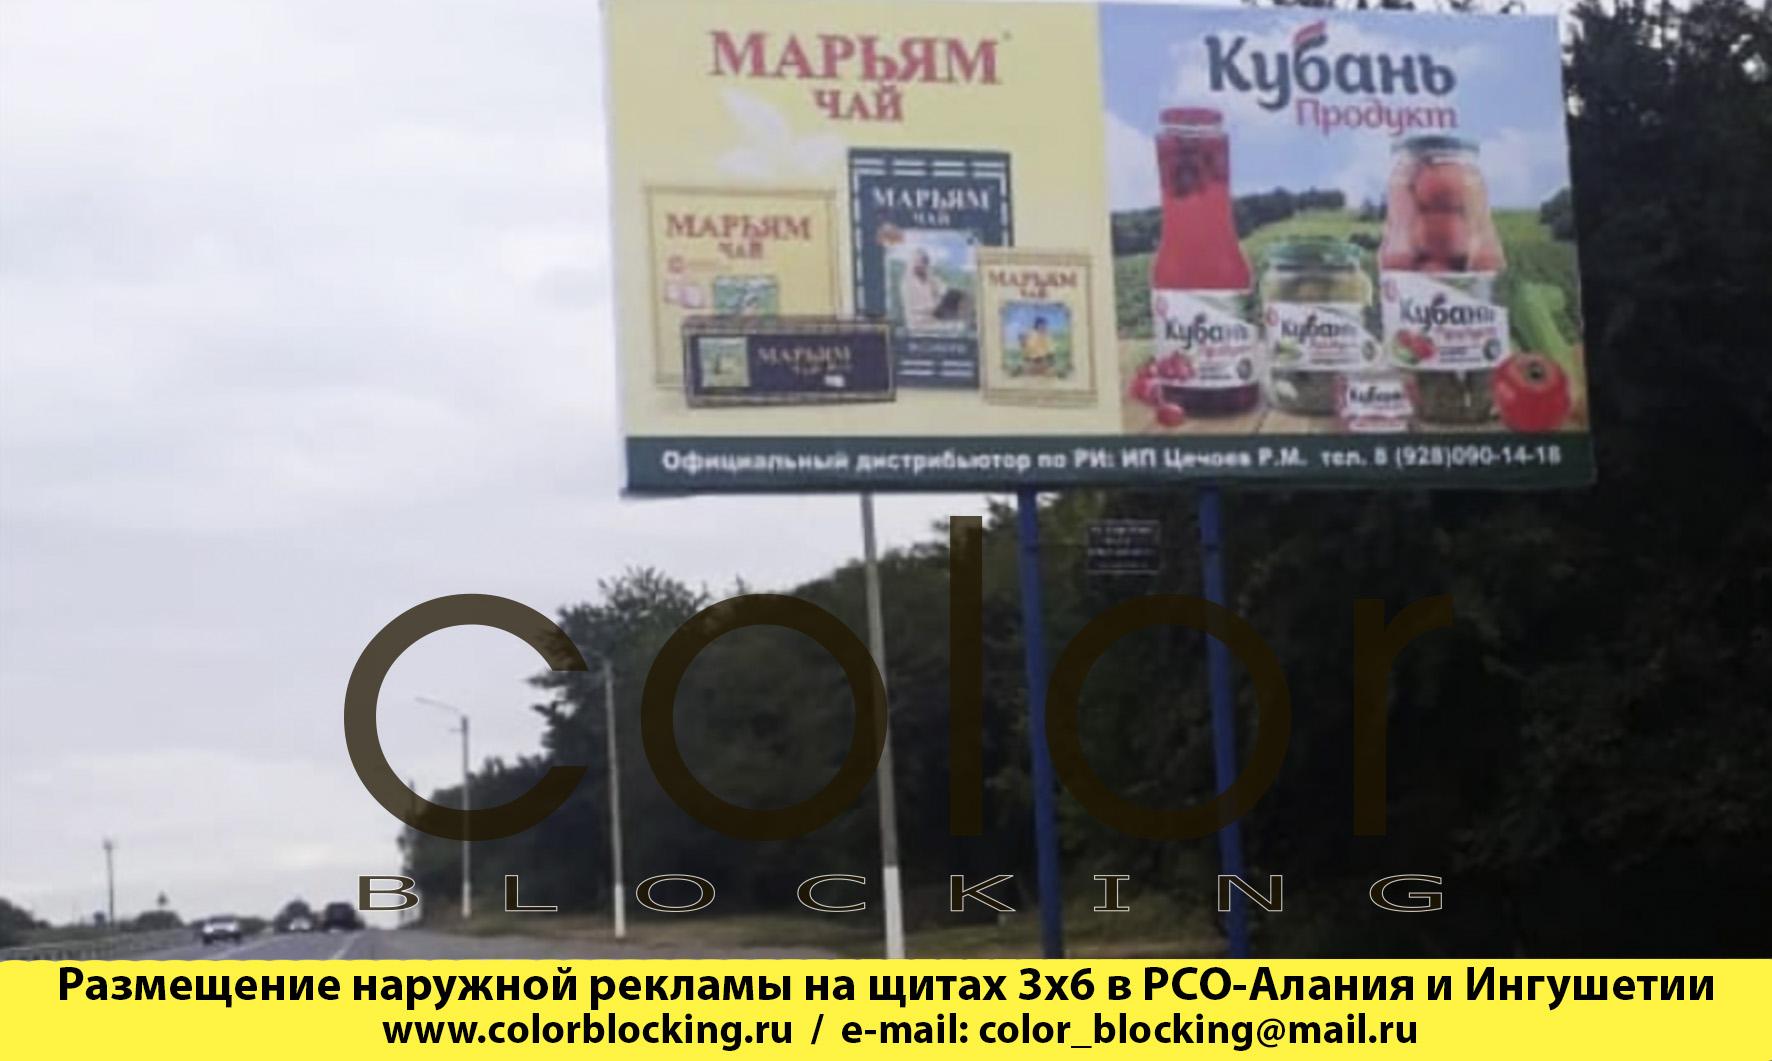 Реклама на щитах 3х6 в Владикавказе Ингушетия